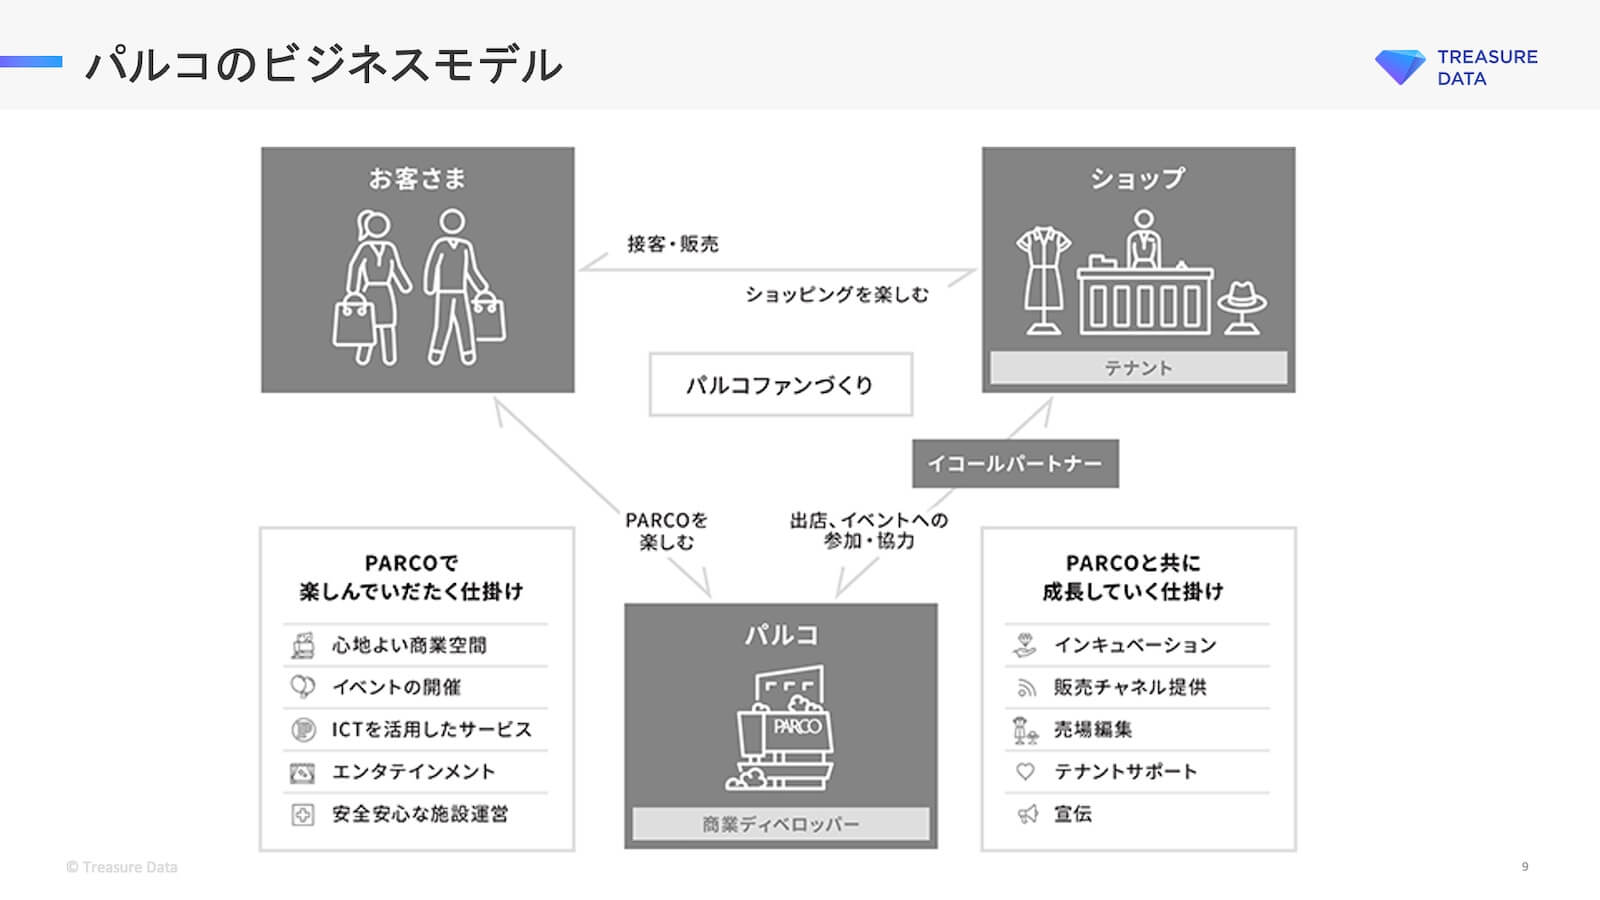 パルコのビジネスモデル